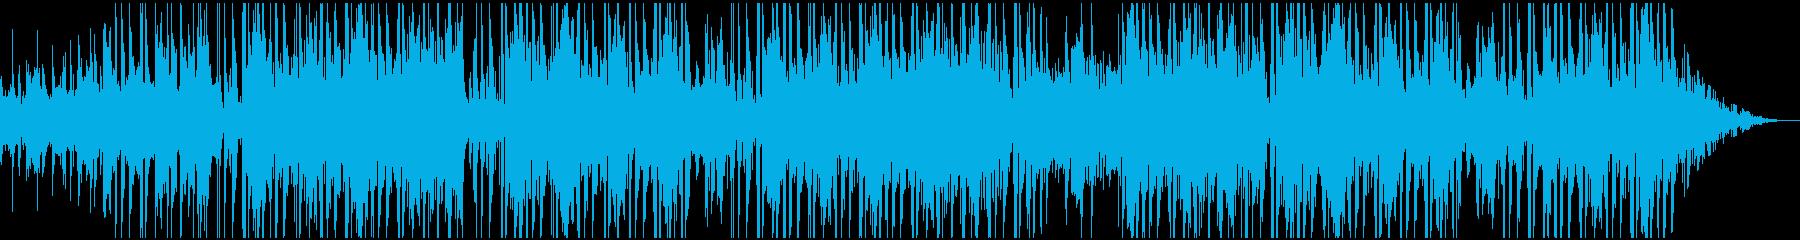 軽快なエスニック調Beatの再生済みの波形